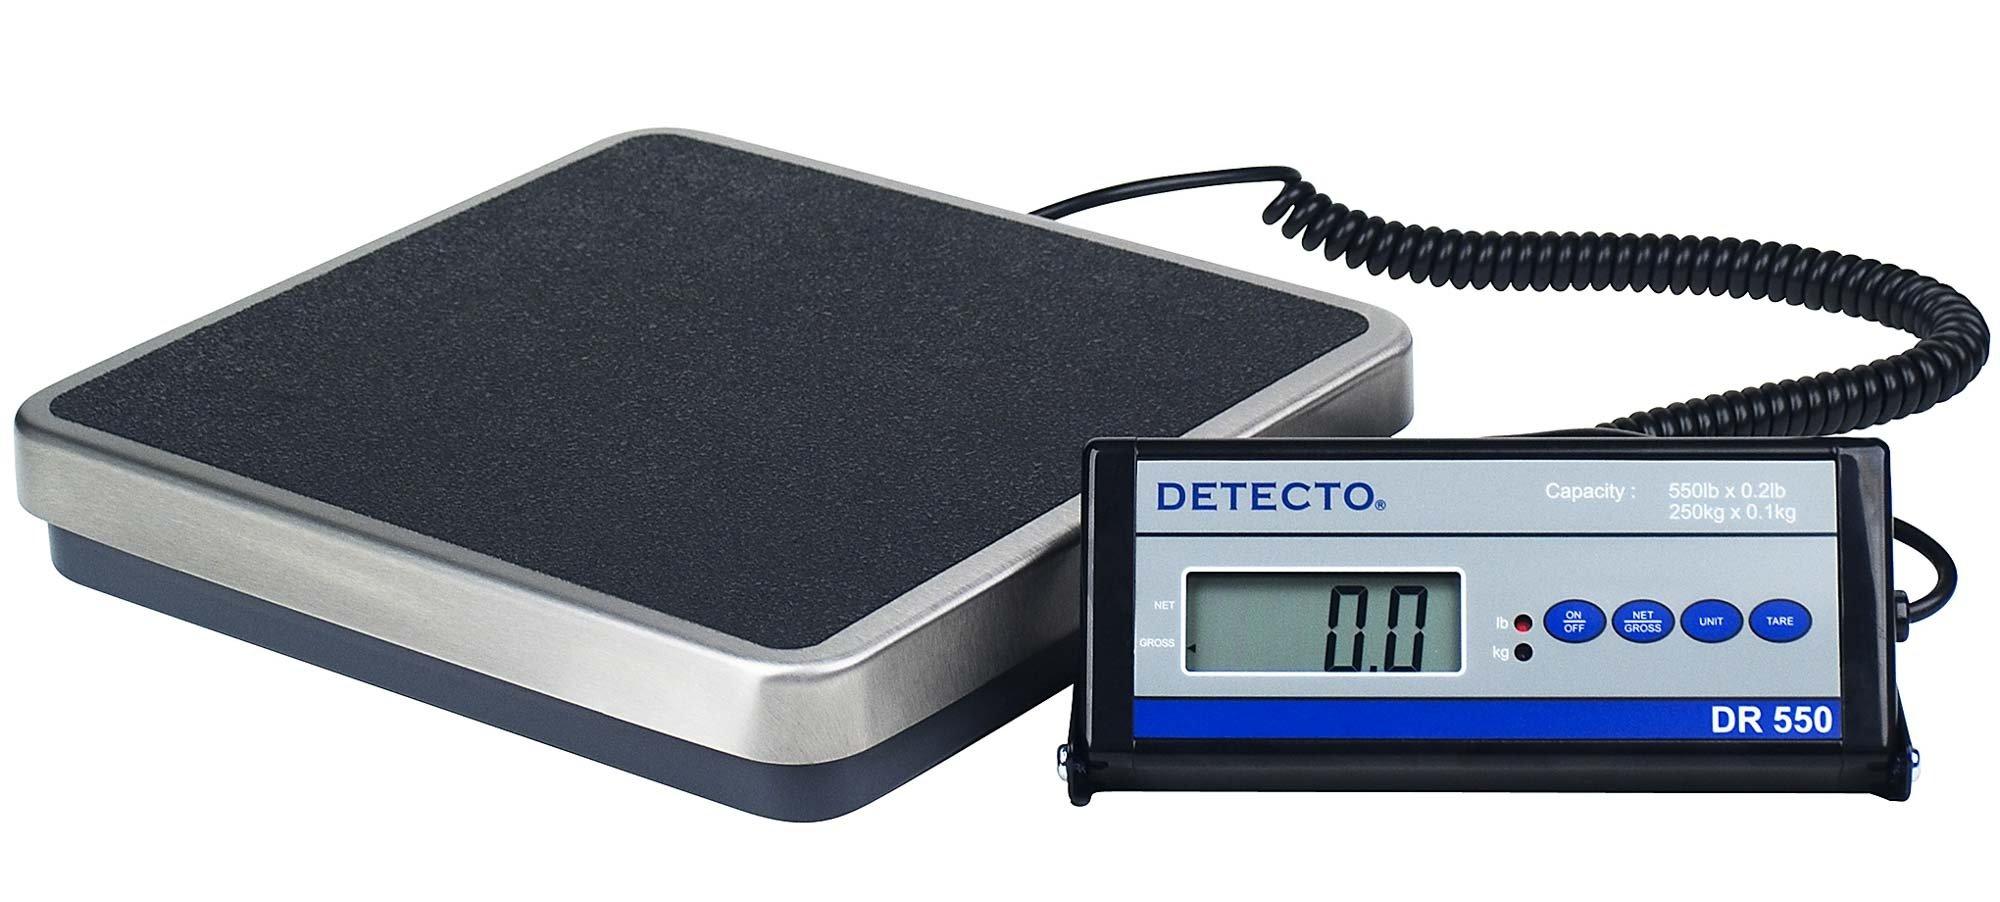 Portable Digital Visiting Nurse Scale - 550 lb Capacity